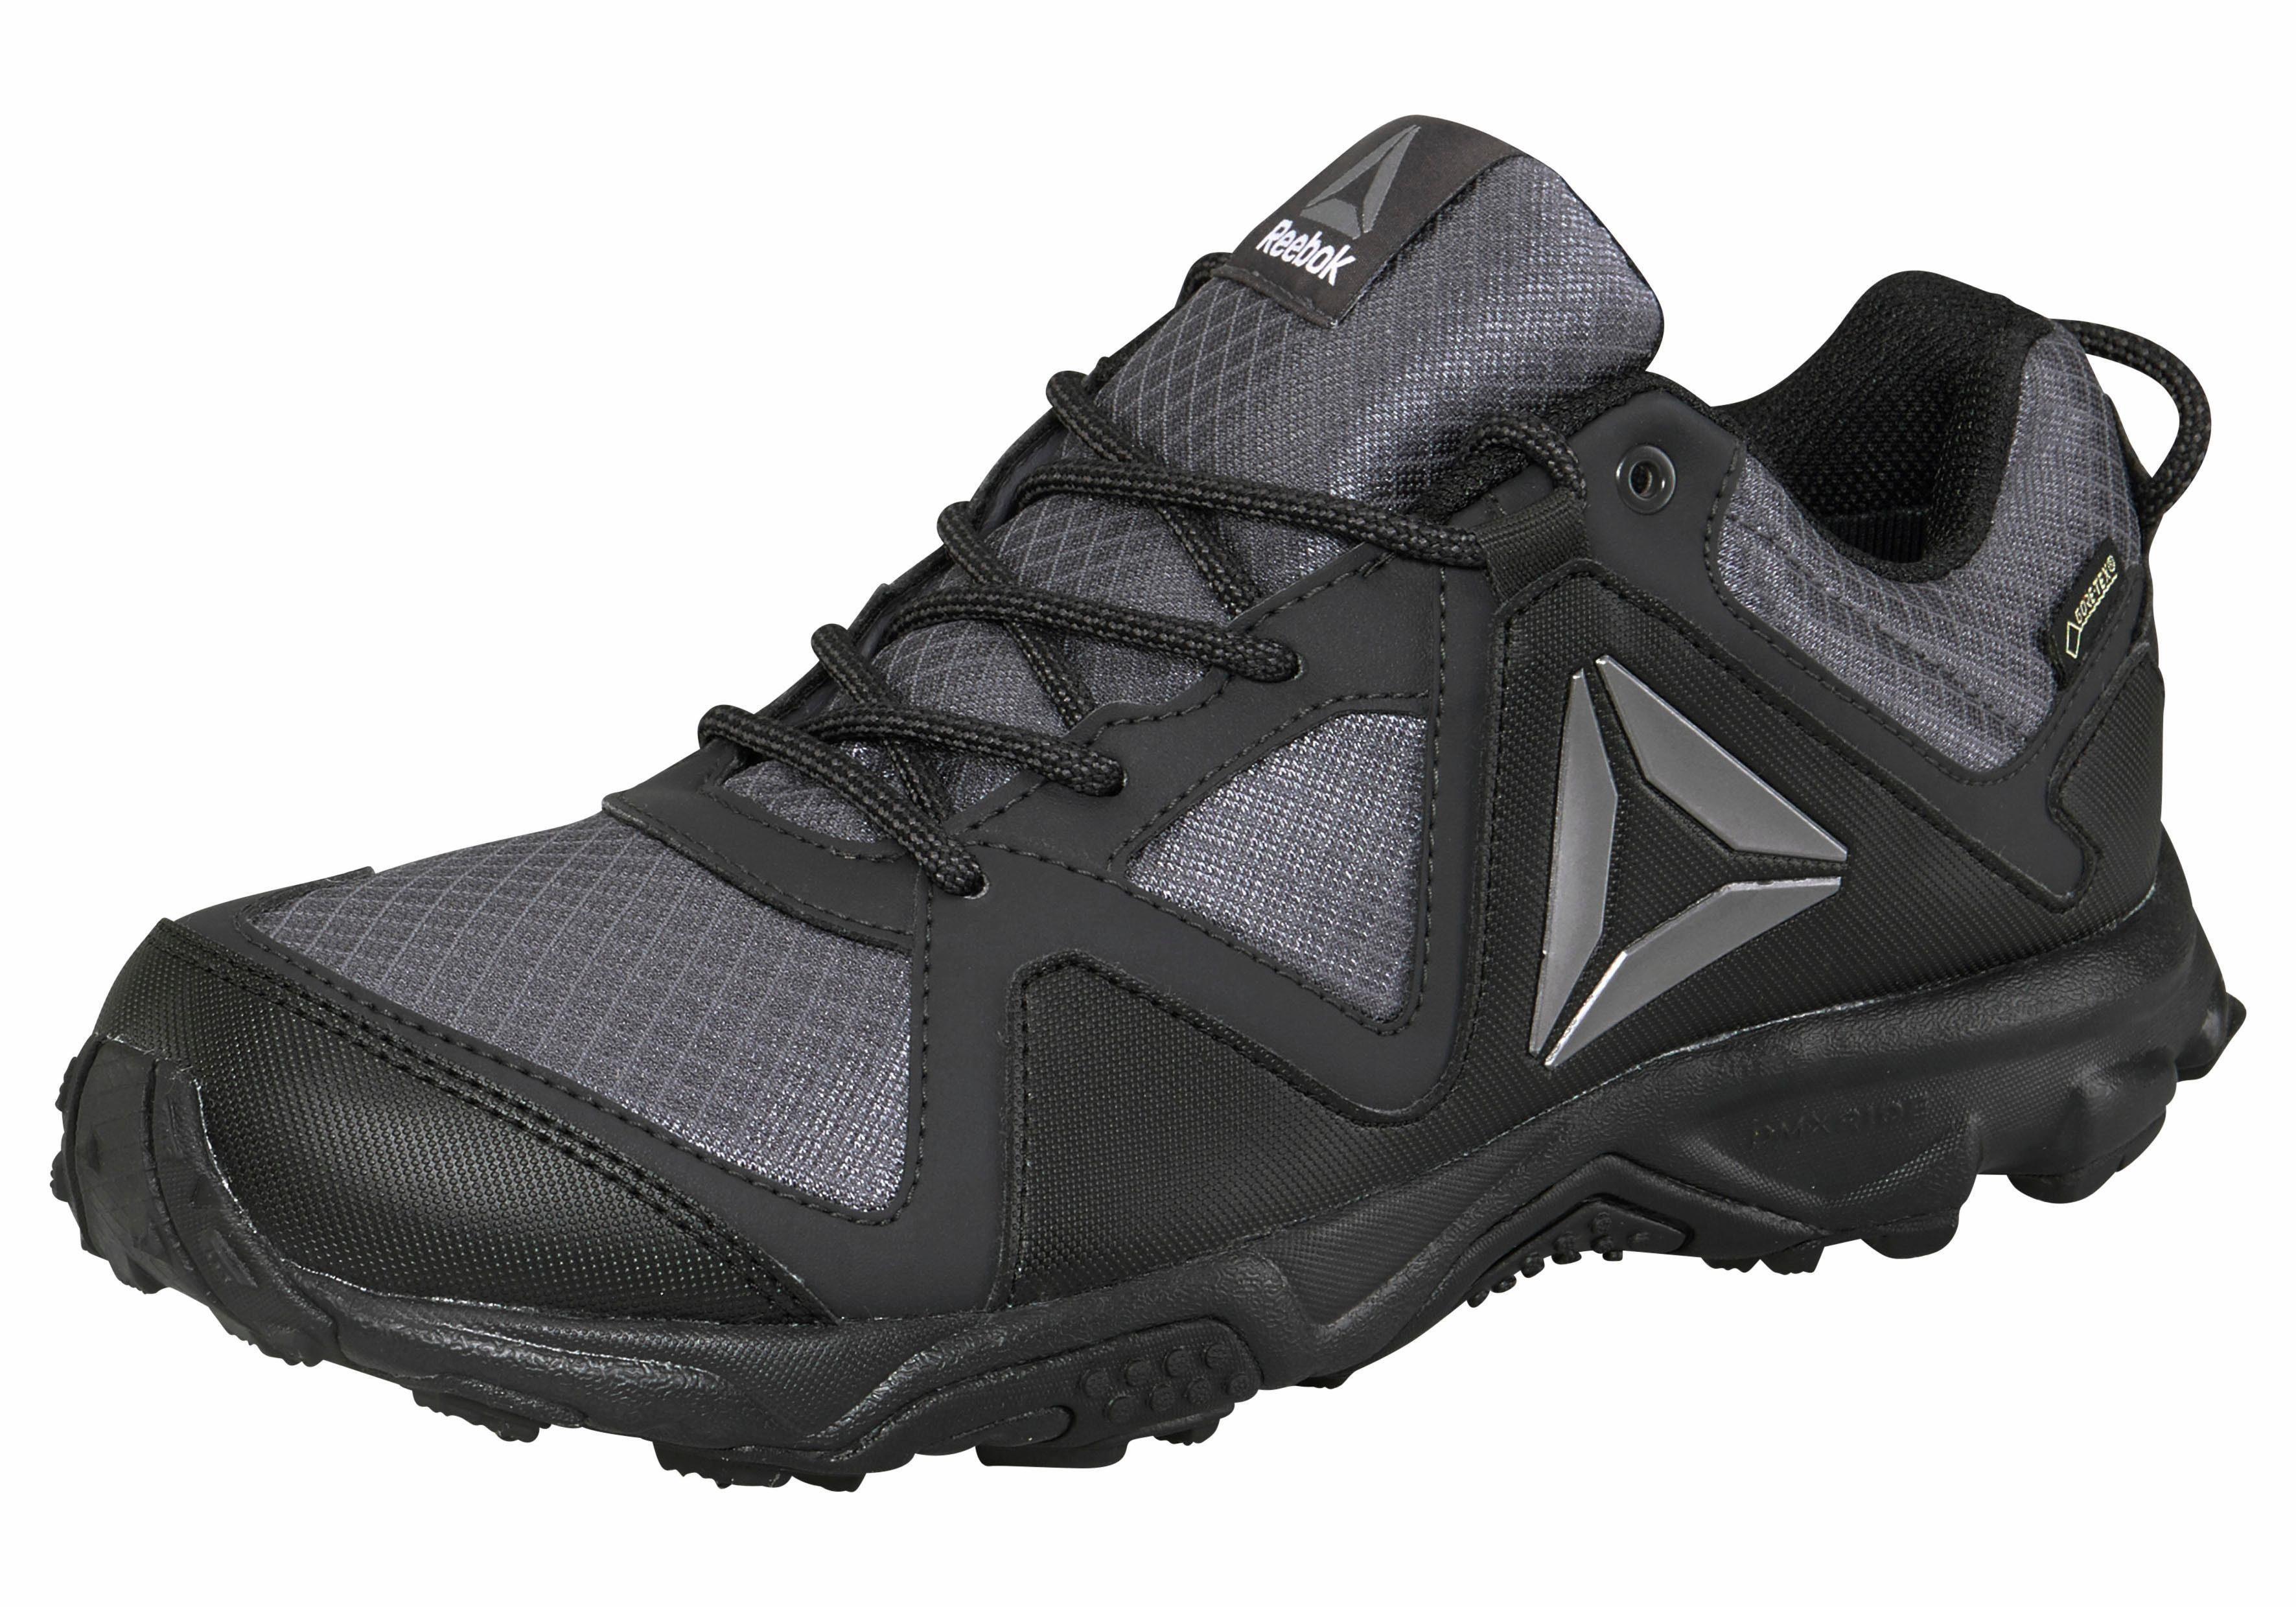 ... Brütting Casual schoenen - mannen en vrouwen - absorberende zool  »GLENDALE«, Be Mega sandalen, LICO Functionele hoge trekkingschoen »MILAN«